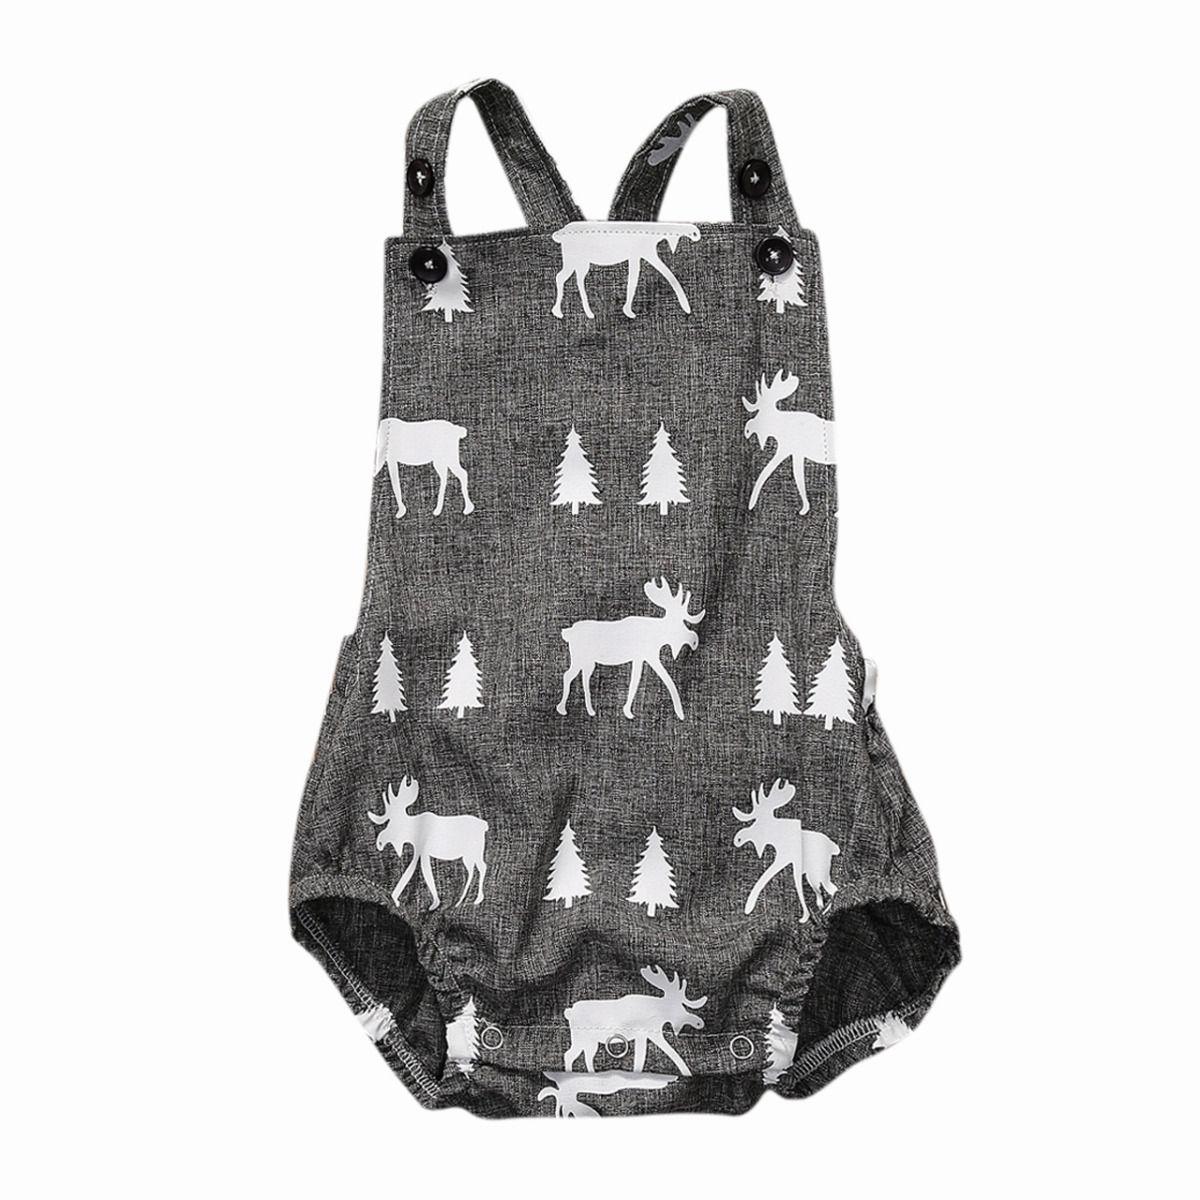 Newborn Infant Baby Boys Girls Flower Animal Print Clothes Play Suit Bodysuit Jumpsuit Outfit Sun Suit